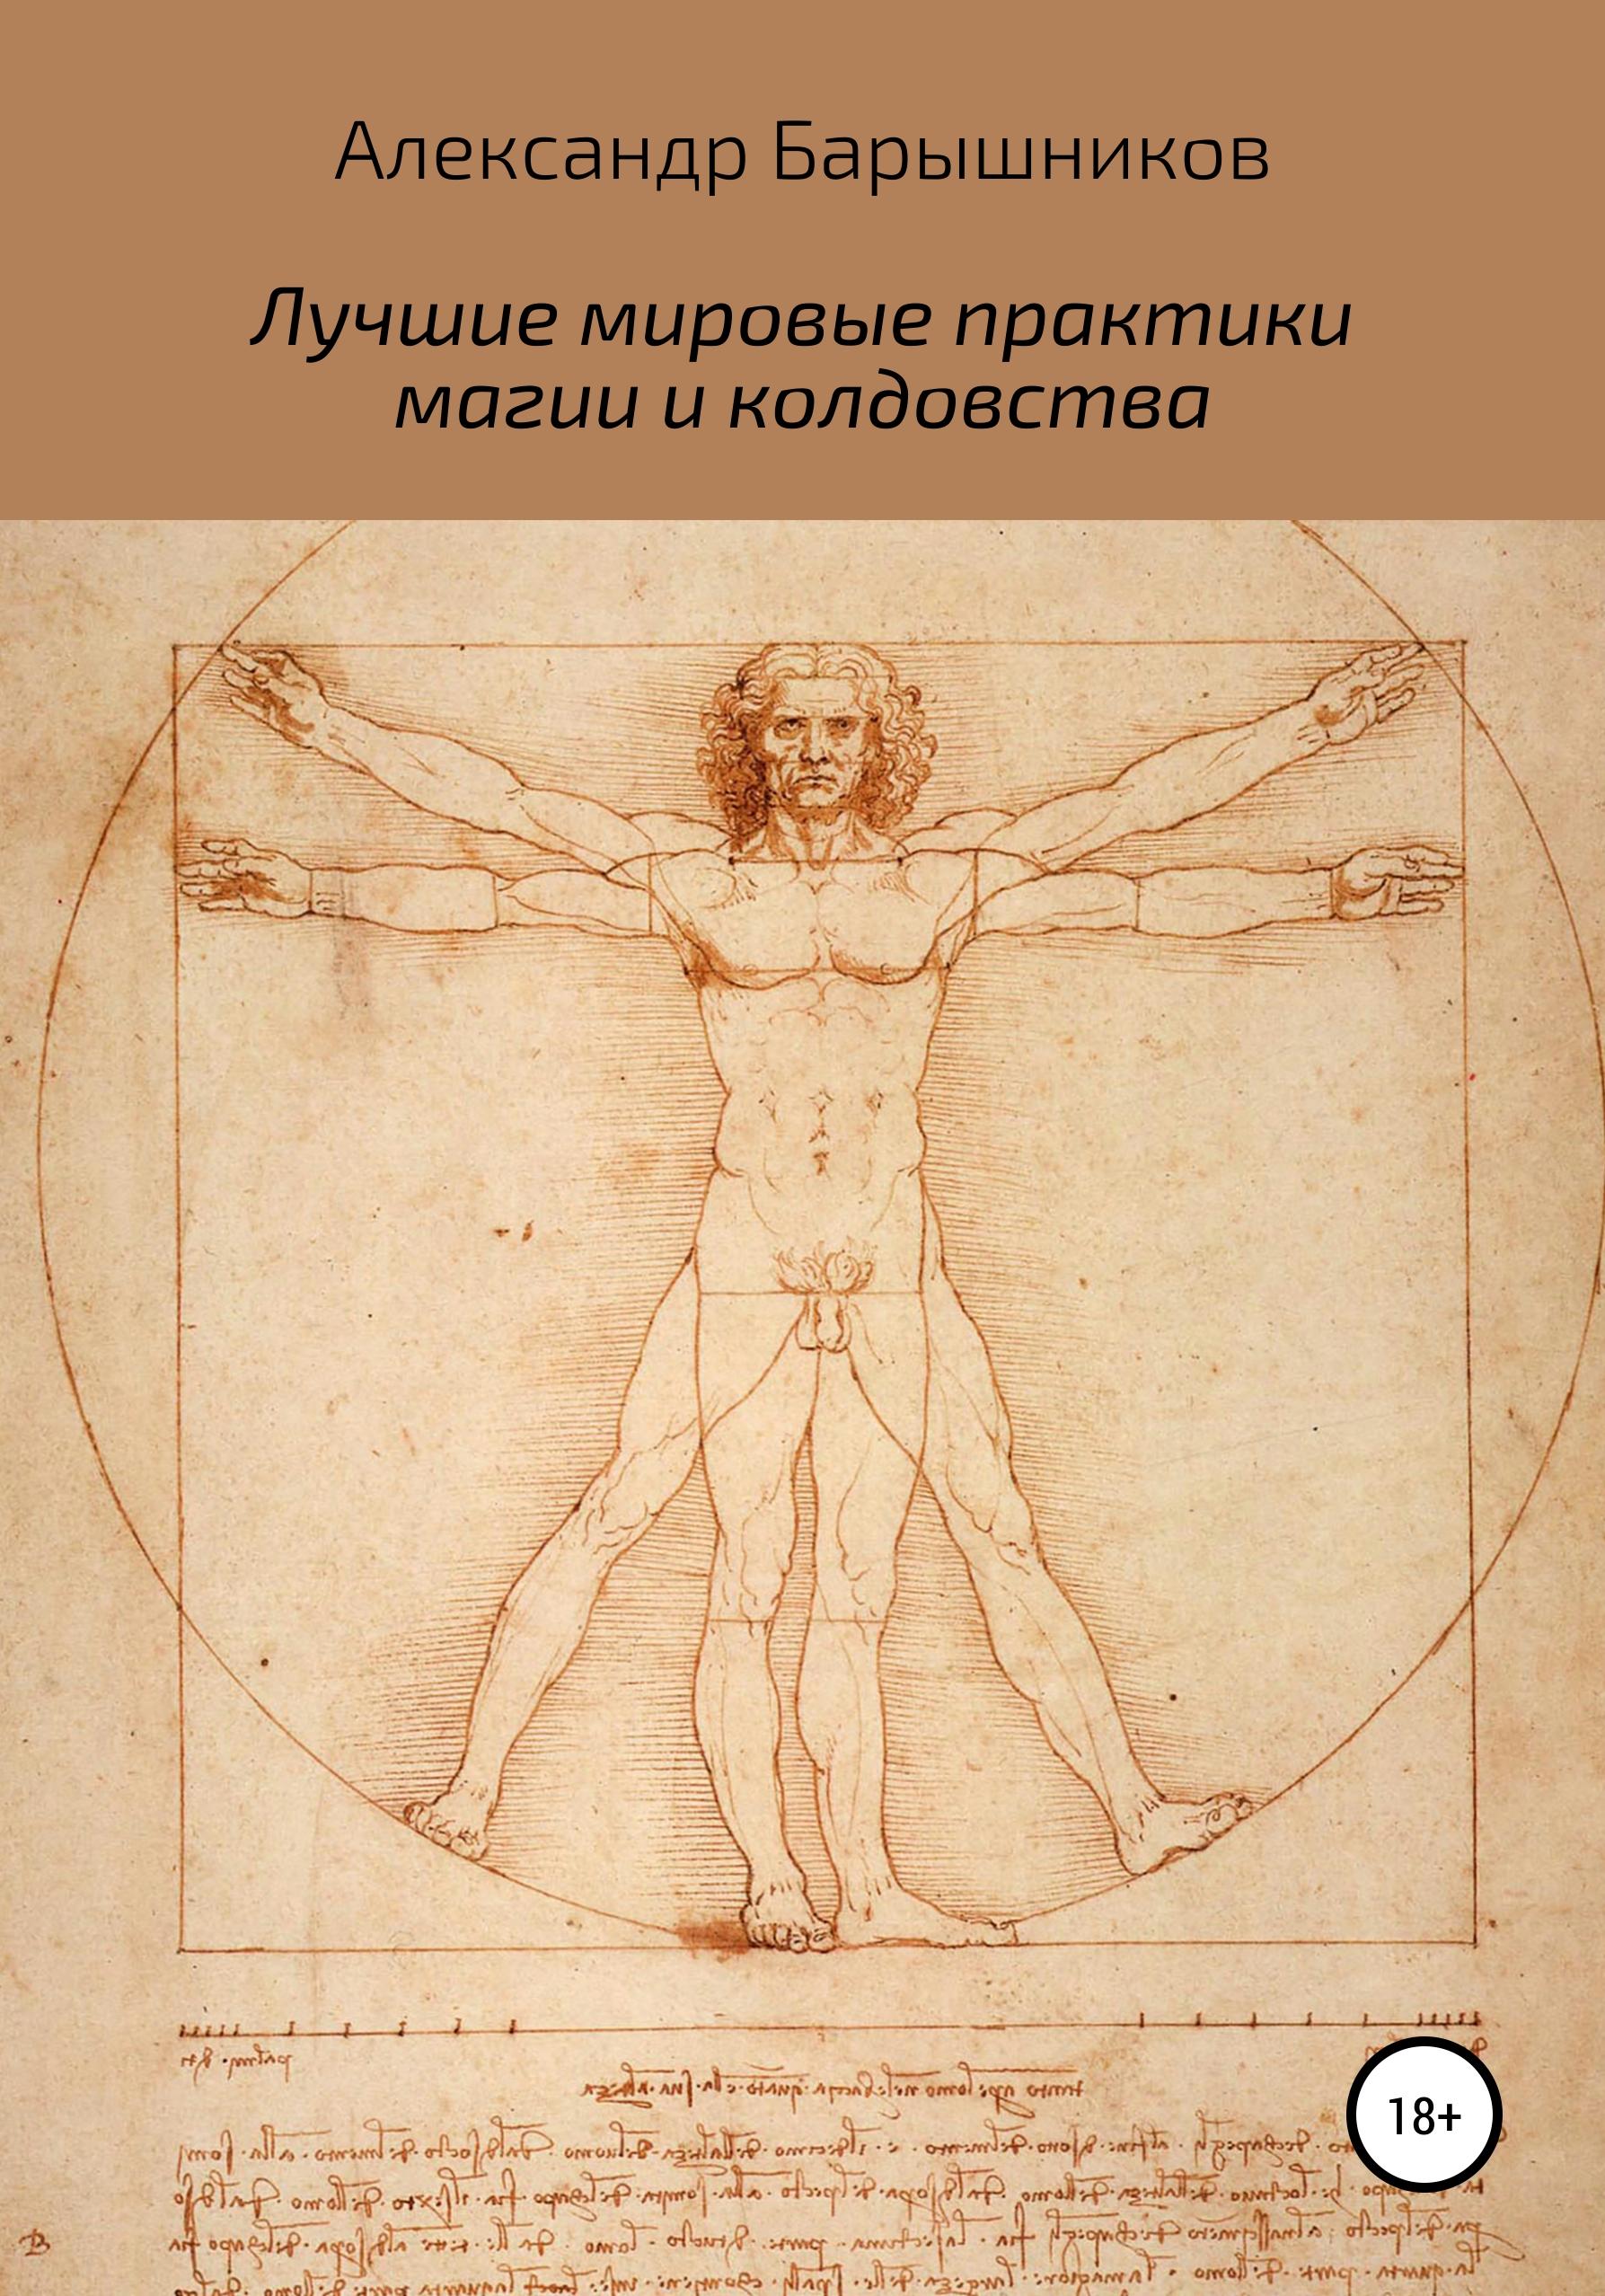 Купить книгу Лучшие мировые практики магии и колдовства, автора Александра Владиславовича Барышникова